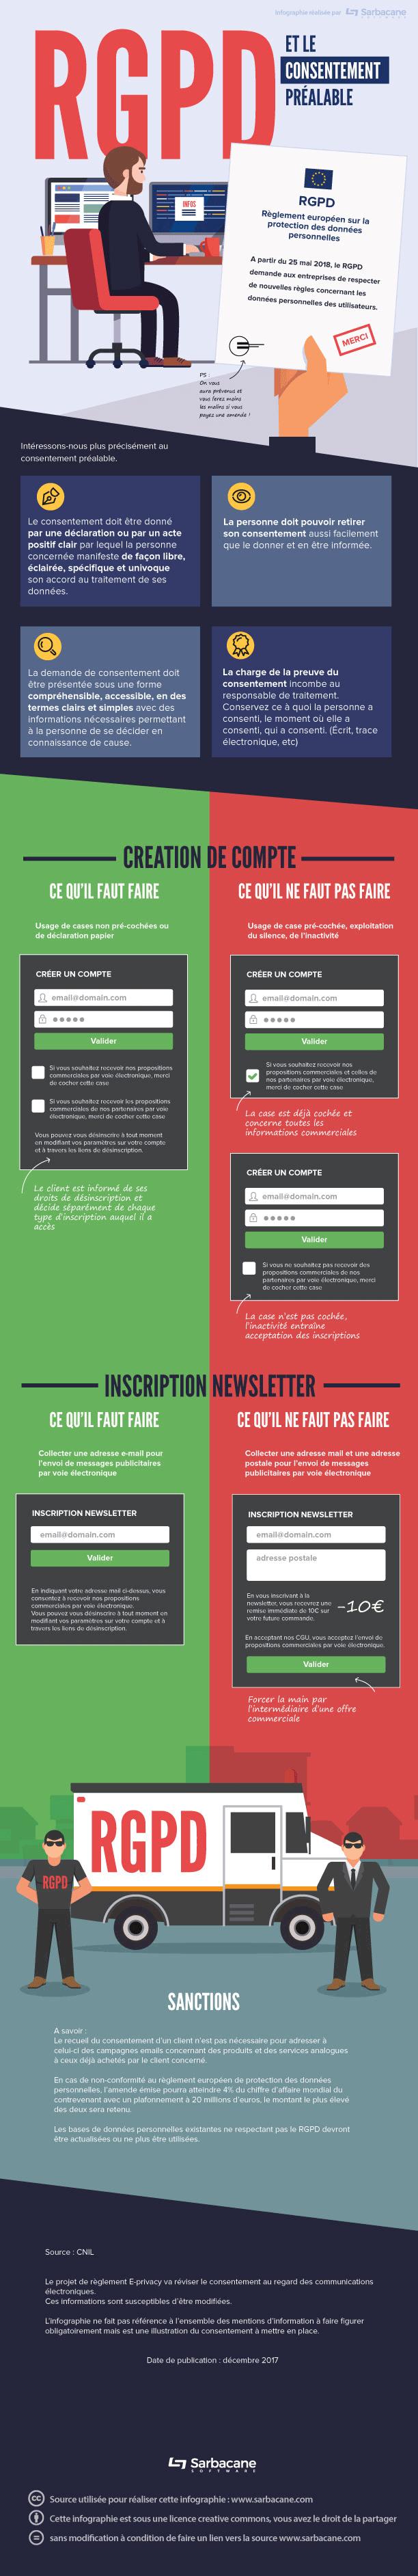 infographie rgpd consentement préalable-emailing